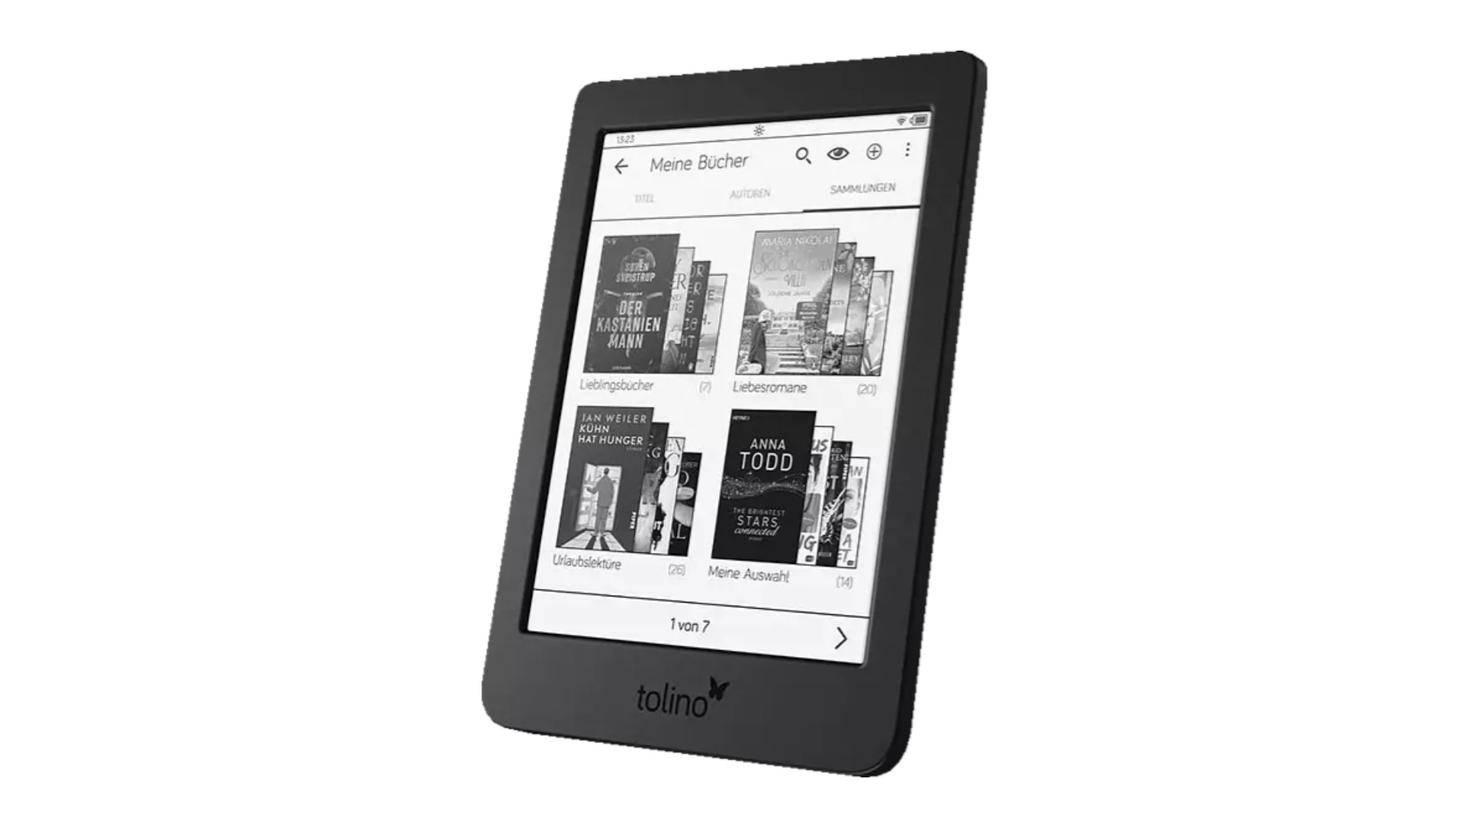 tolino-page-2-e-reader